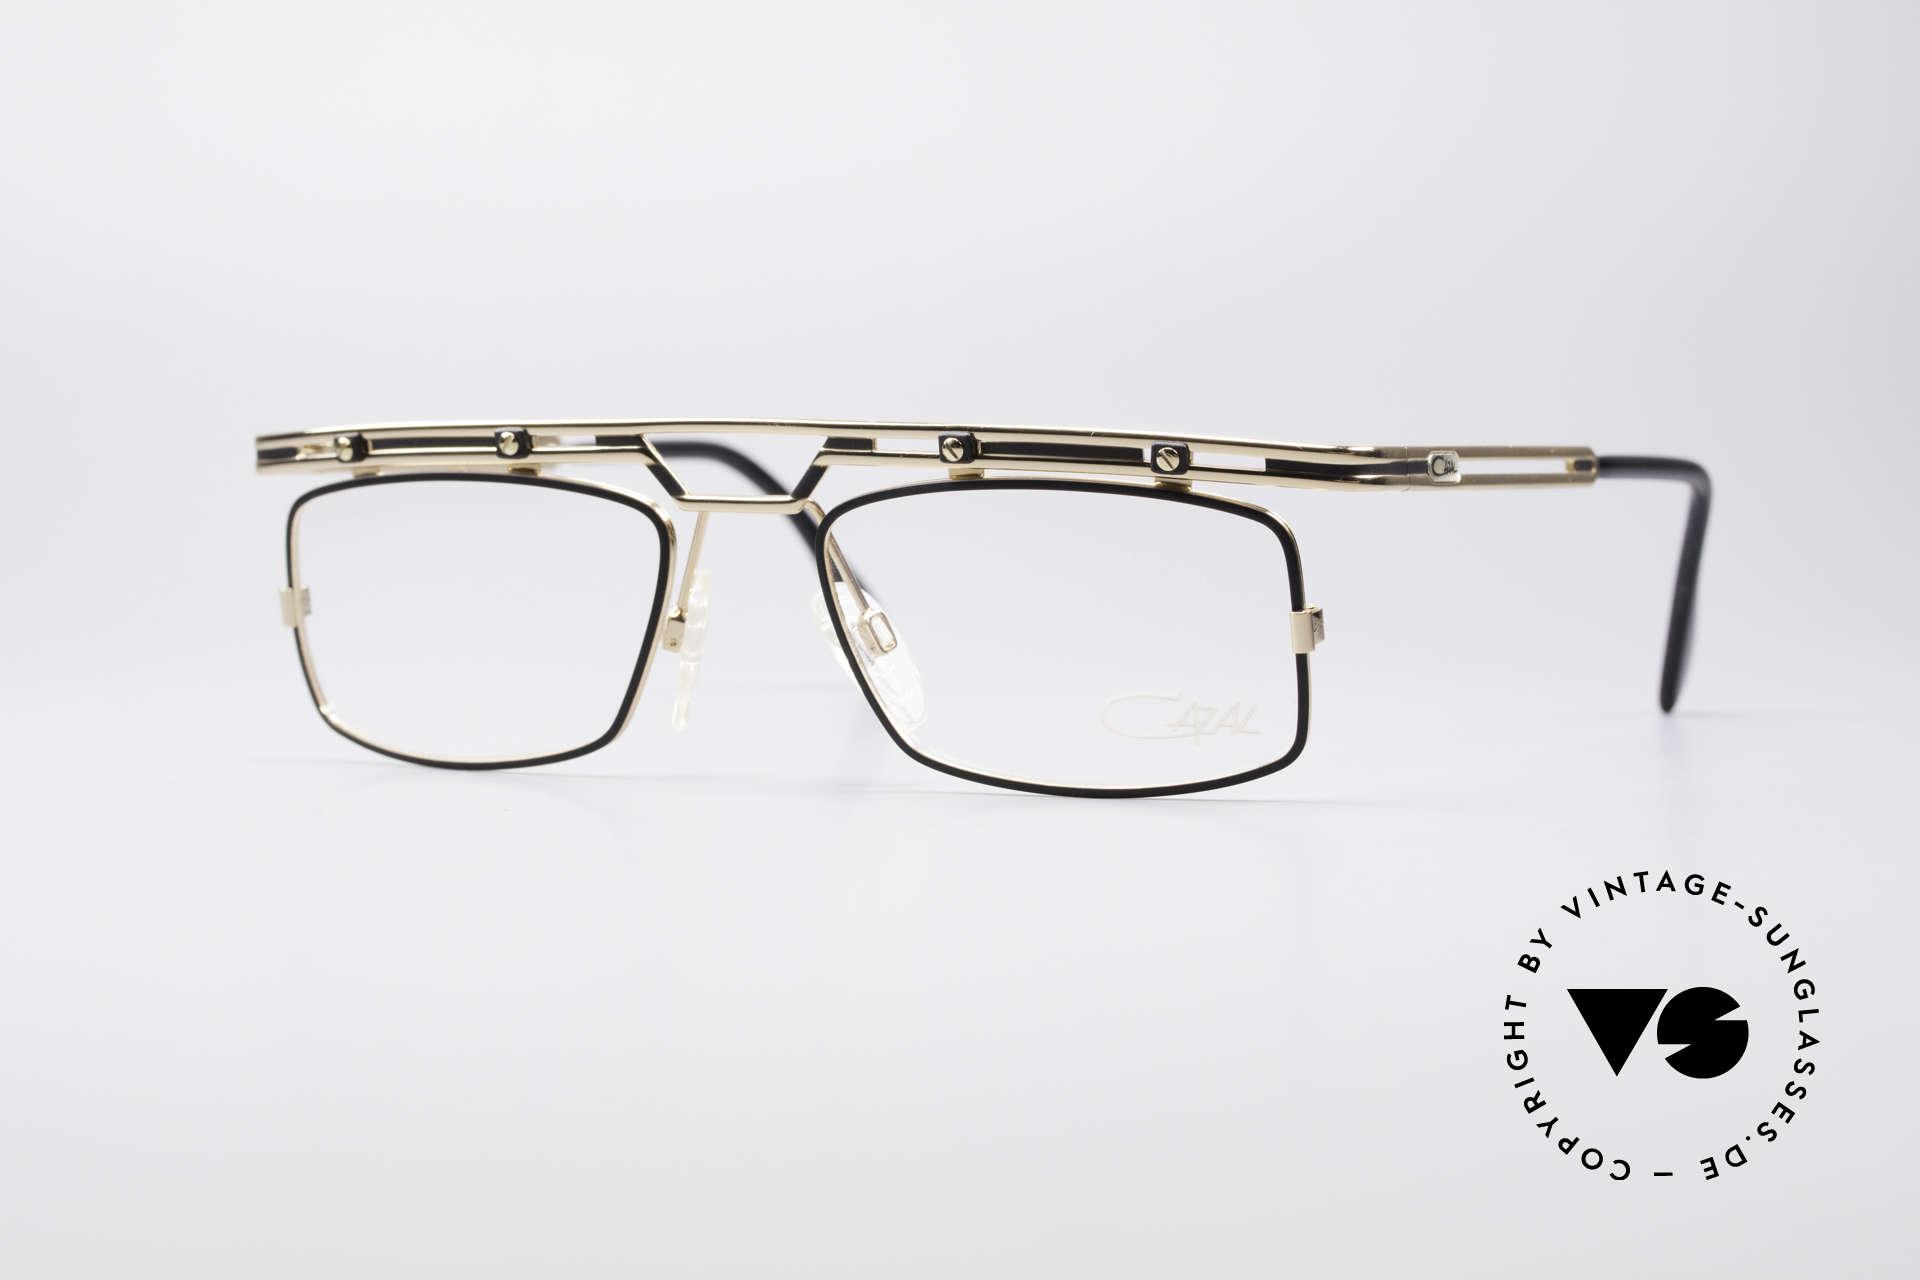 Cazal 975 Vintage 90er Designer Brille, sehr markante Cazal Designerbrille von ca. 1996/97, Passend für Herren